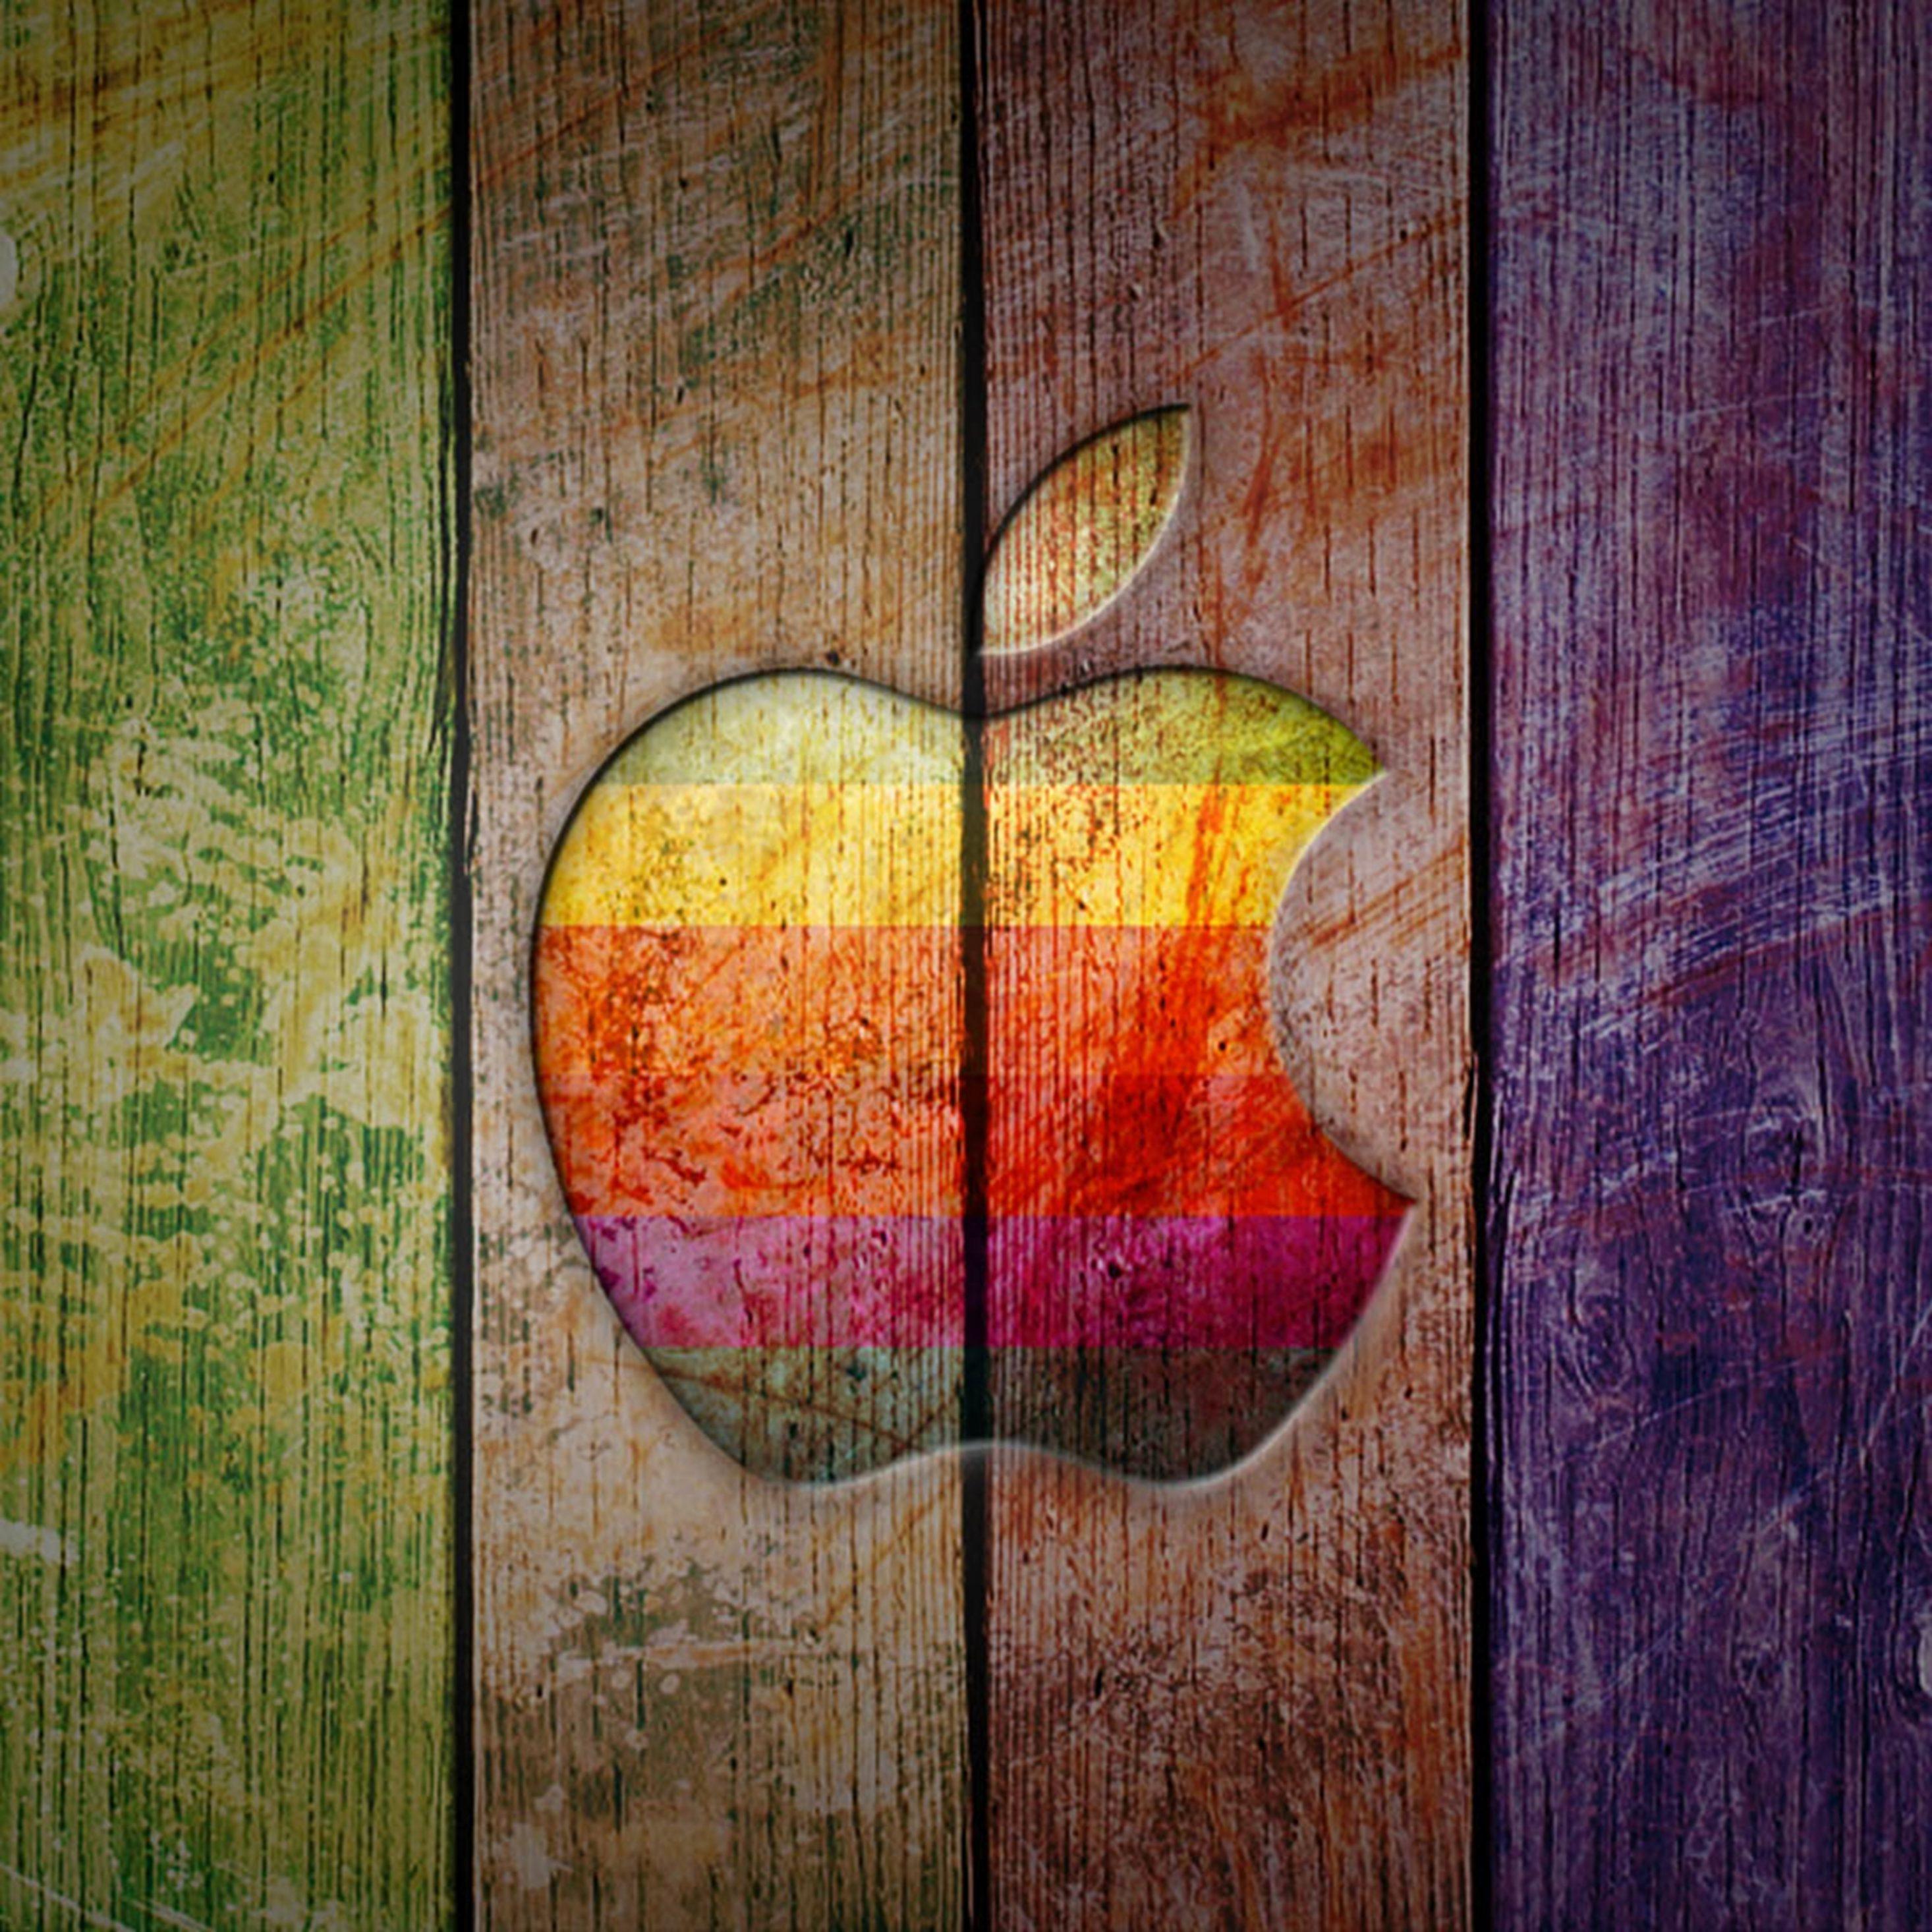 2932x2932 iPad Pro wallpaper 4k Apple Logo on Colorful Wood Ipad Wallpaper 2932x2932 pixels resolution